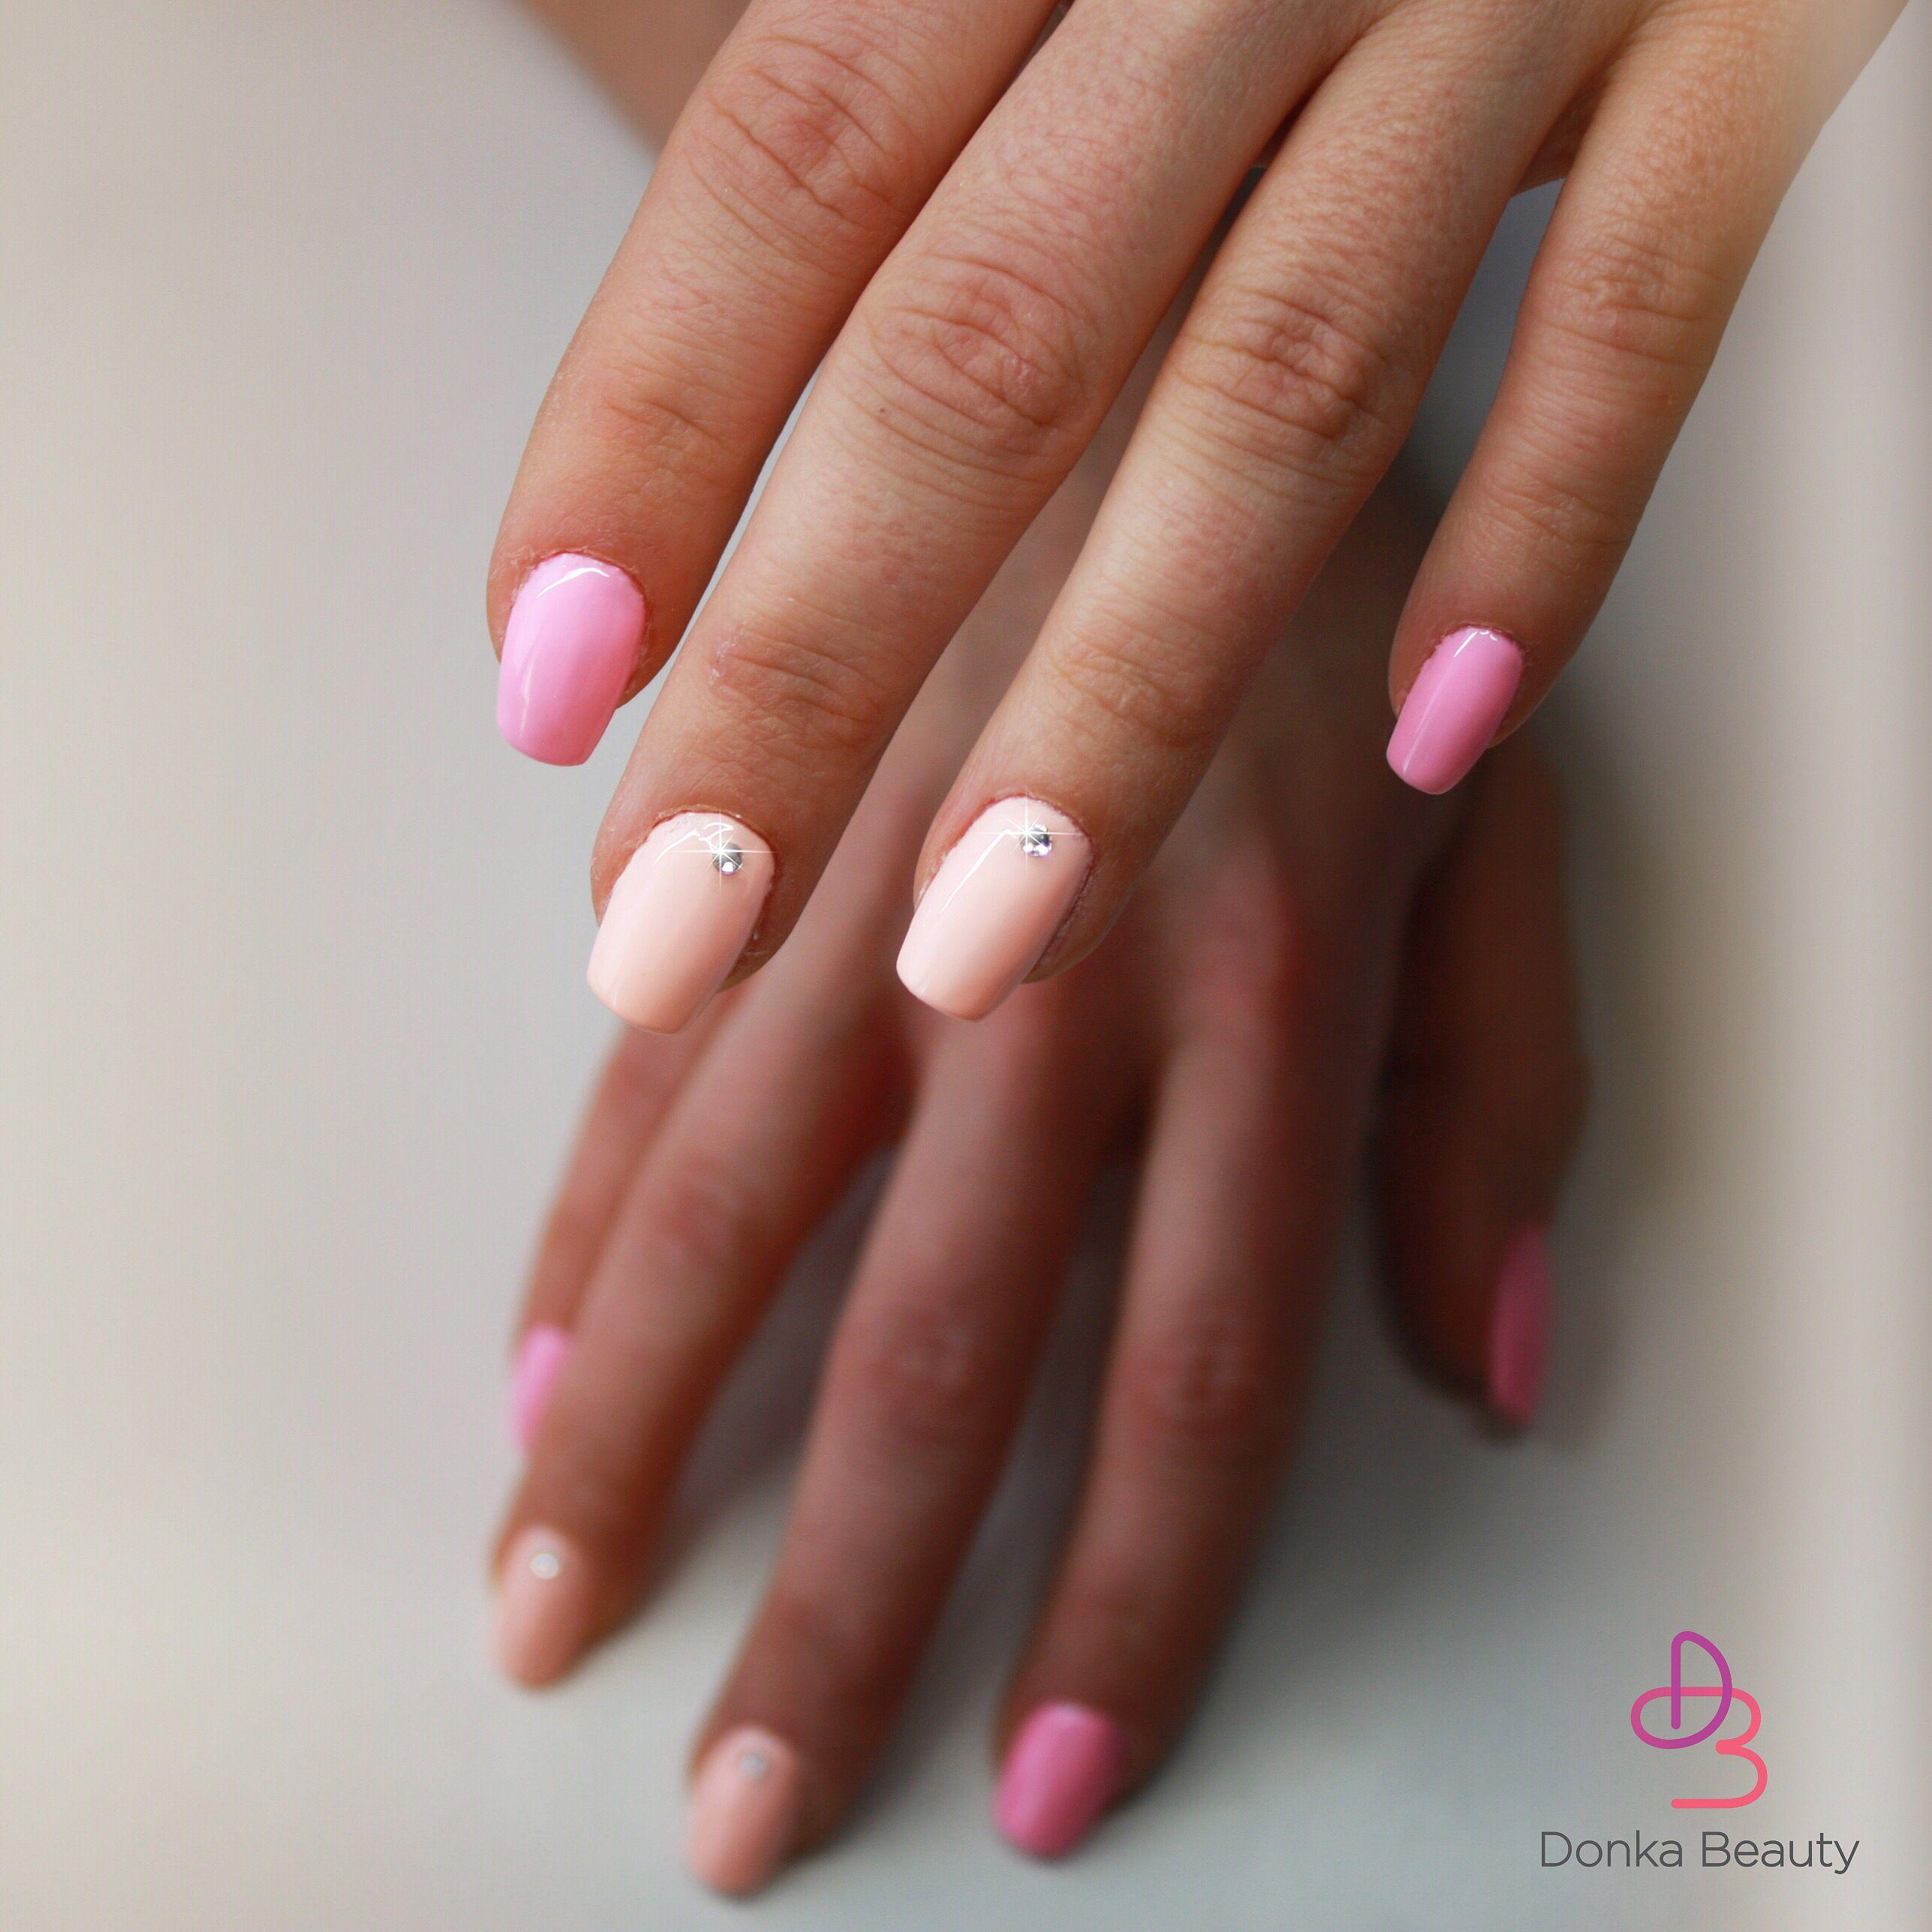 Pink Nails By Donka Beauty Pink Nails Beauty Nails